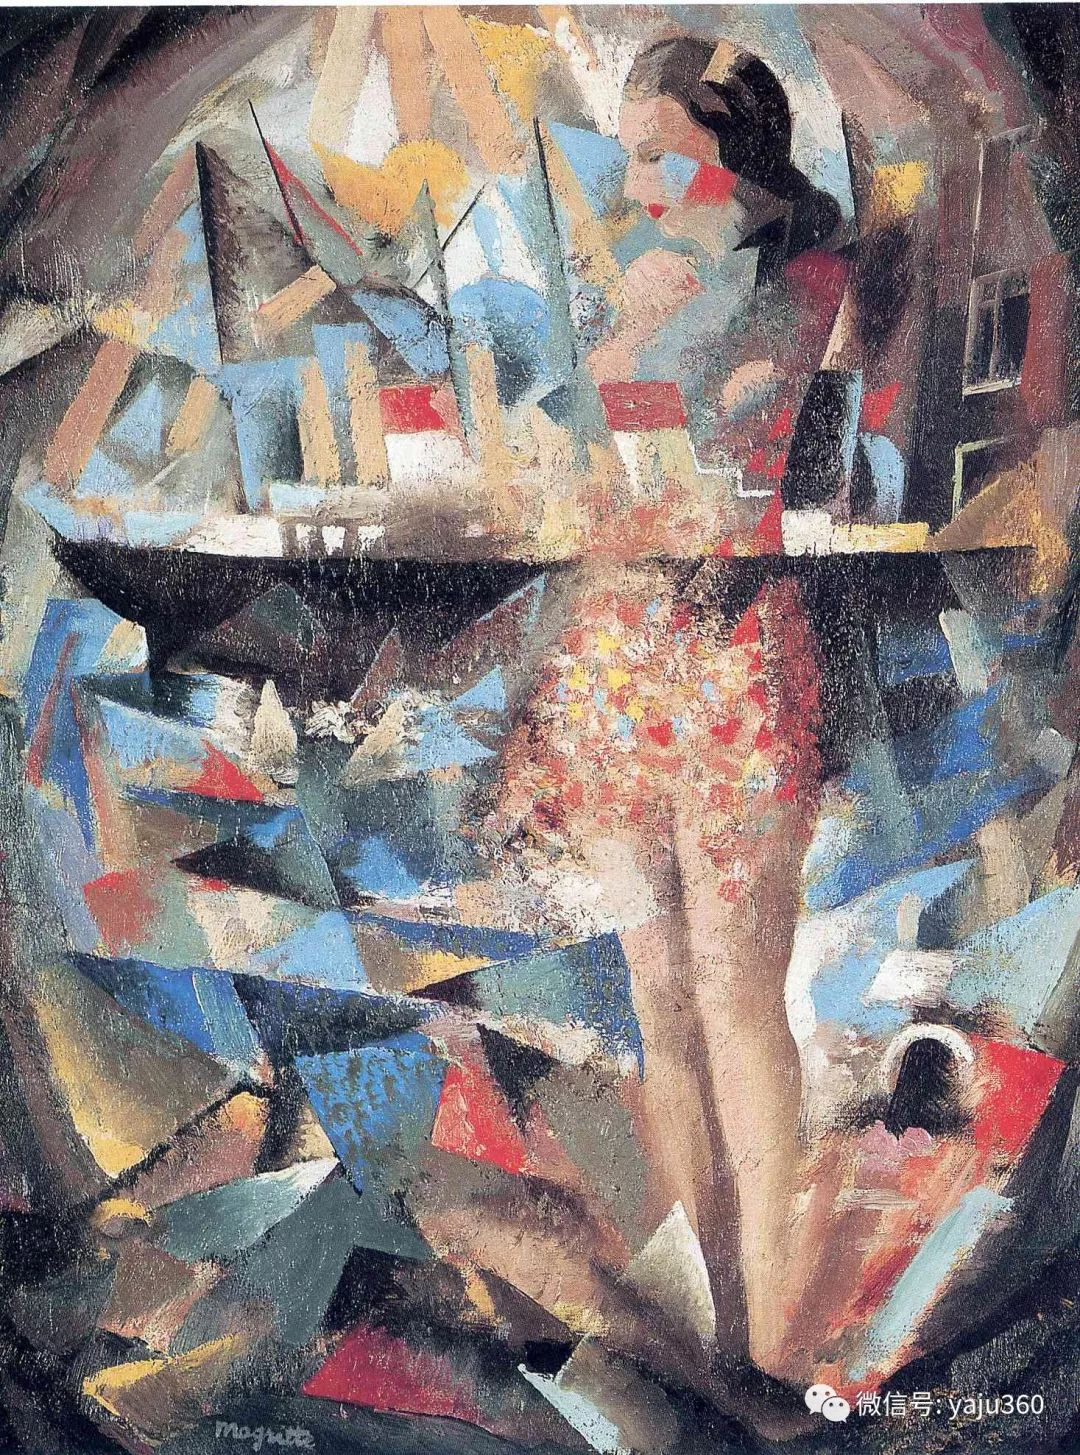 超现实主义 比利时画家Rene Magritte插图13